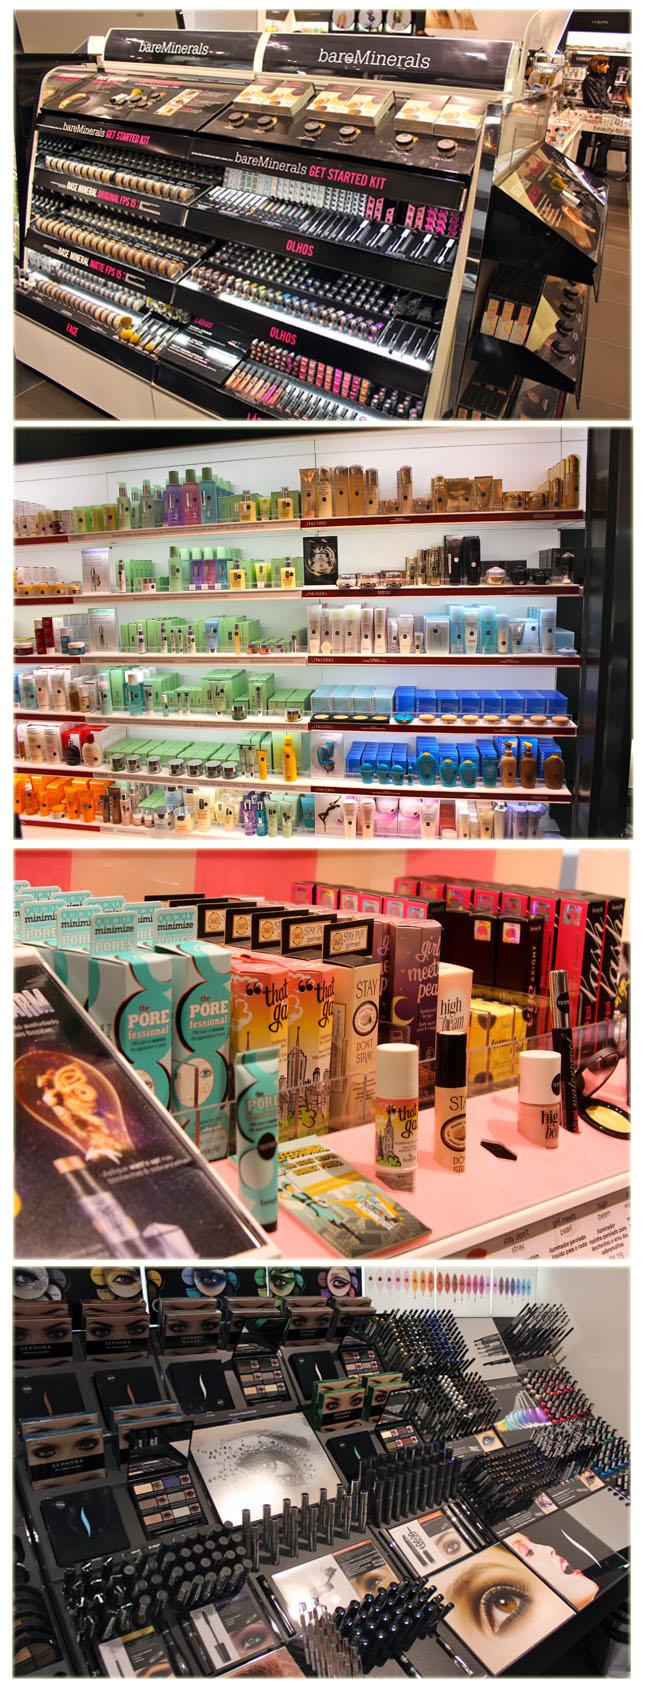 sephora, sephora no brasil, loja da sephora, maquiagem, bare minerals, benefit, sephora jk, shopping jk, make, esmalte